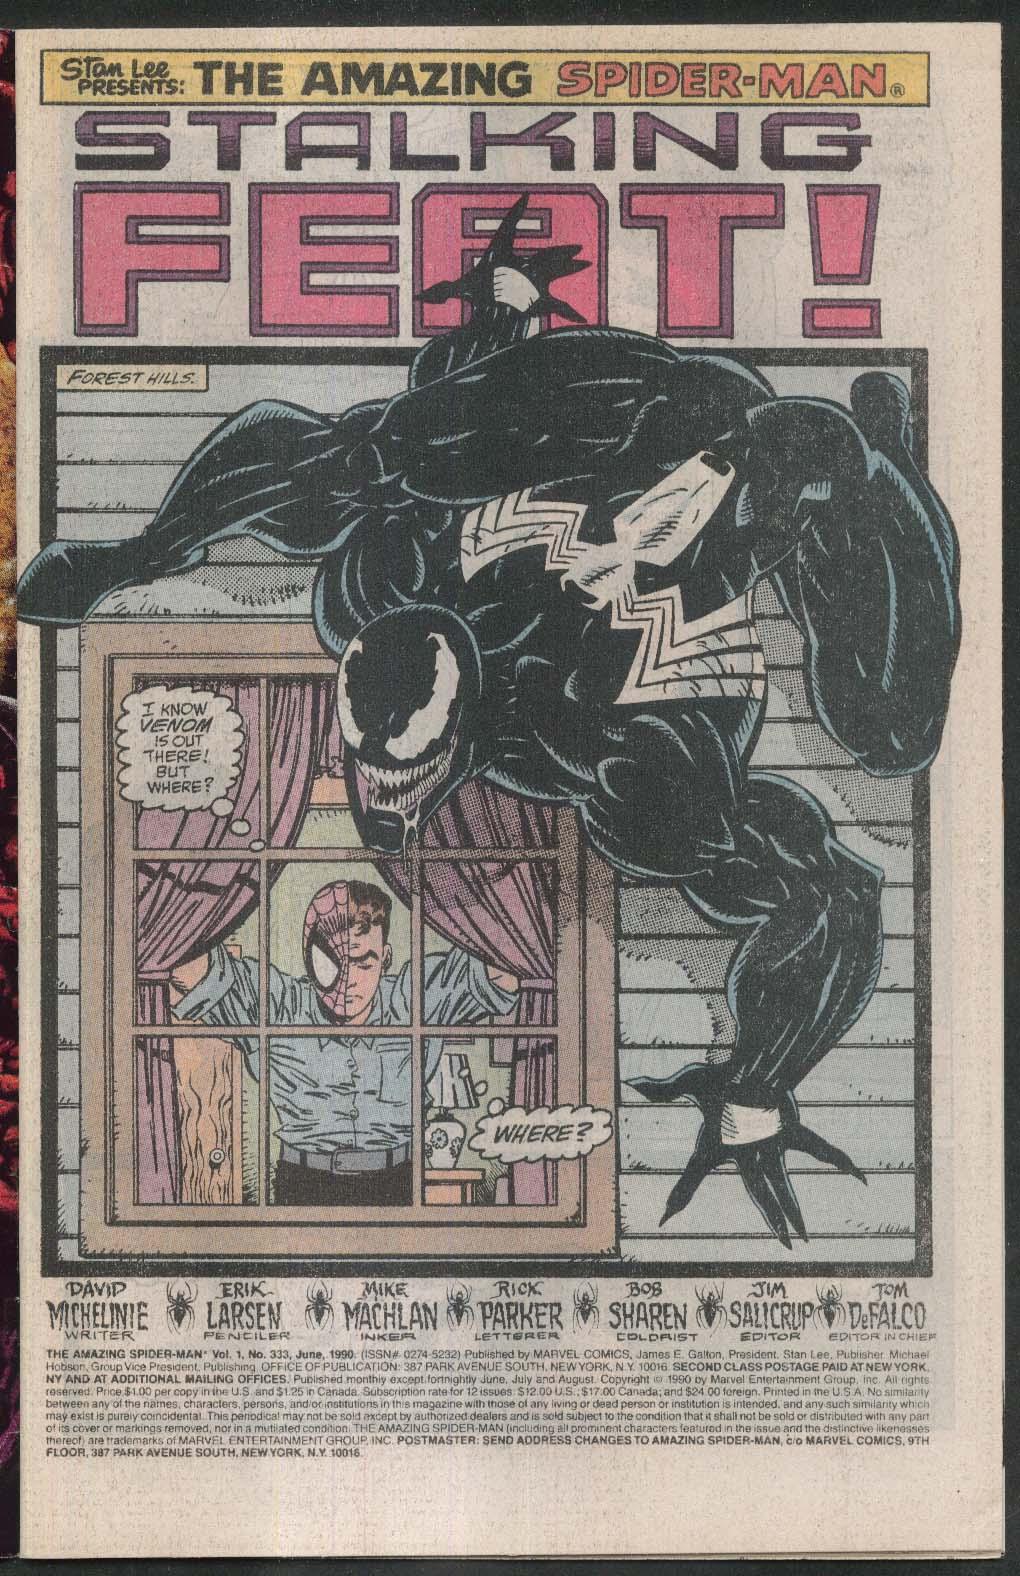 AMAZING SPIDER-MAN #333 Marvel comic book 6 1990 Venom